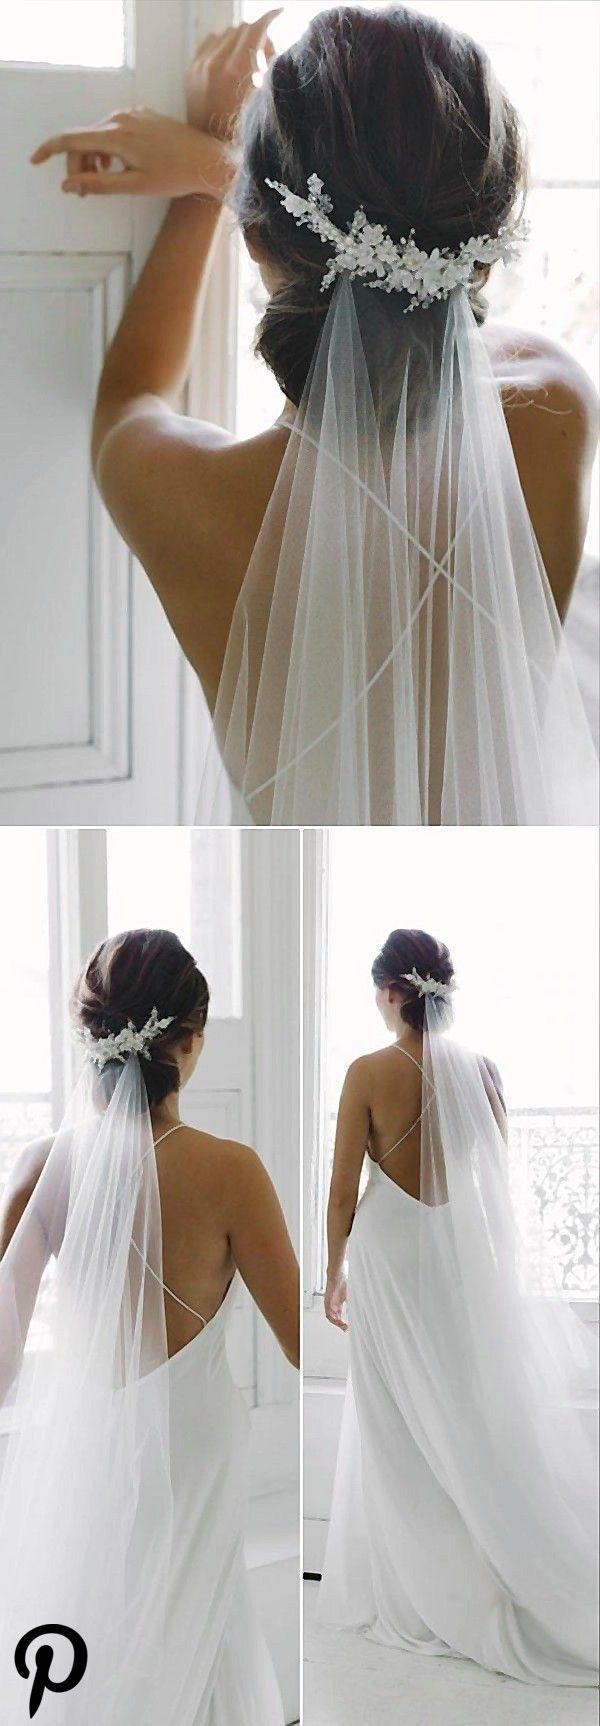 Top 11 Hochzeitsfrisuren mit Schleier und Accessoires #Hairstyles